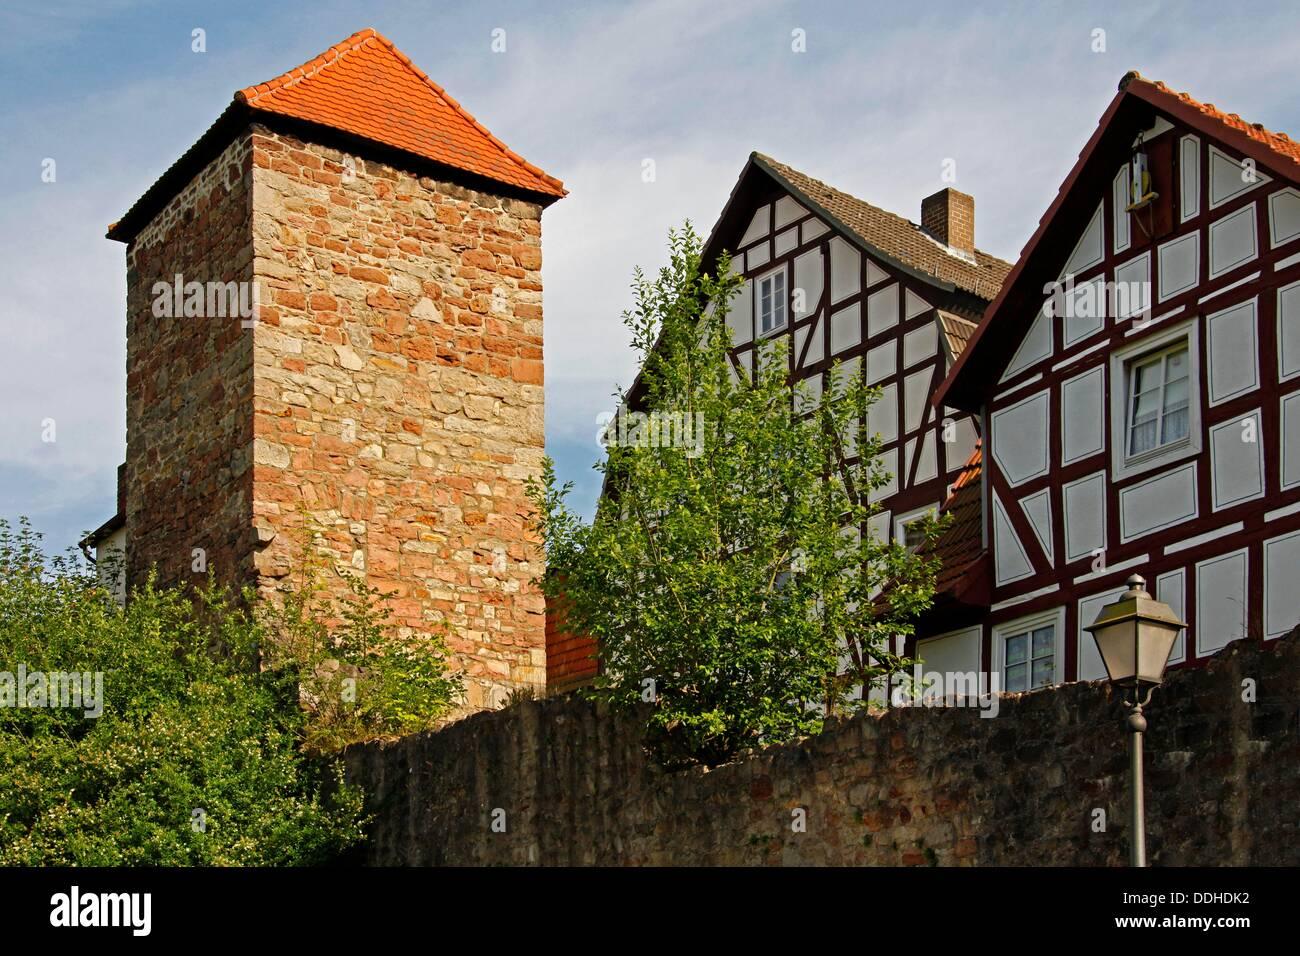 Turm der Stadtmauer, Fachwerk Häuser, Spangenberg, Schwalm-Eder-Kreis, Hessen, Deutschland Stockfoto